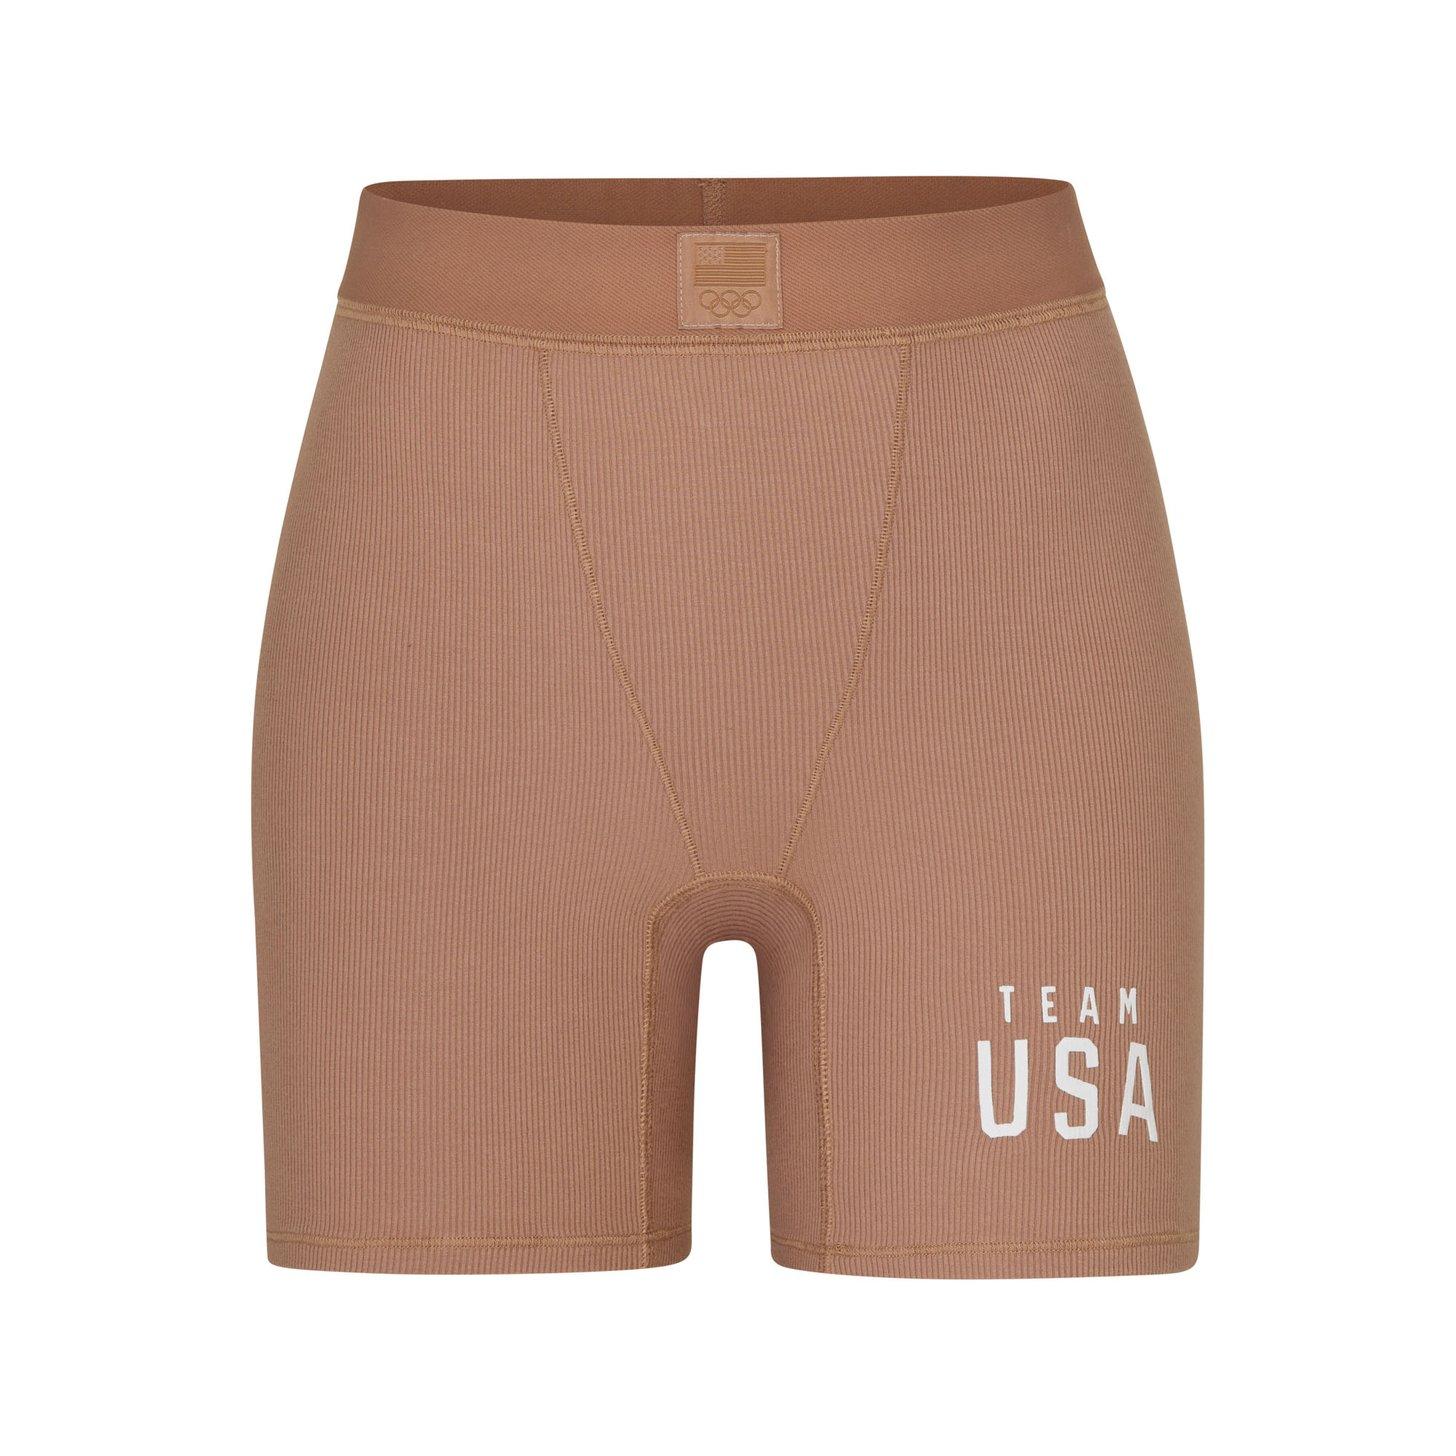 SKIMS Olympics shorts